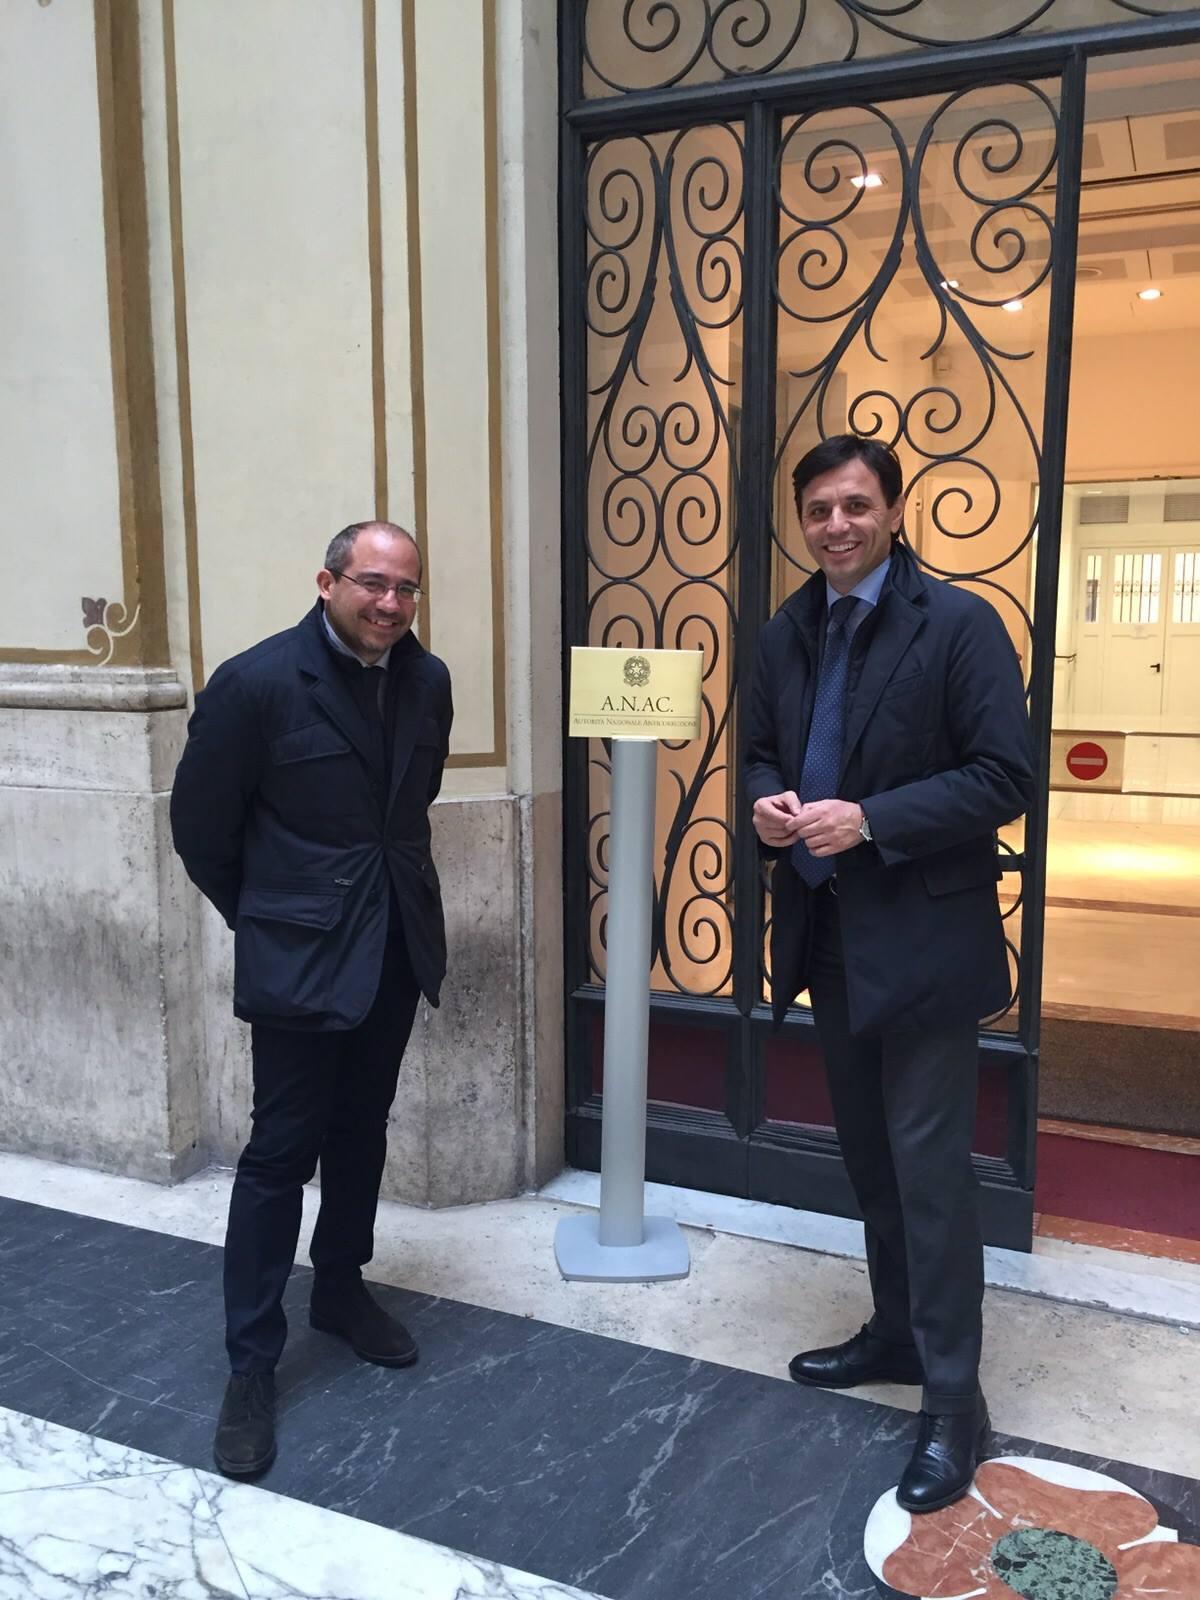 Audizione all'Anac per la vicenda della caserma dei Carabinieri a Ercolano. Buonajuto: «Passi avanti nell'istruttoria per valutare la regolarità delle procedure»